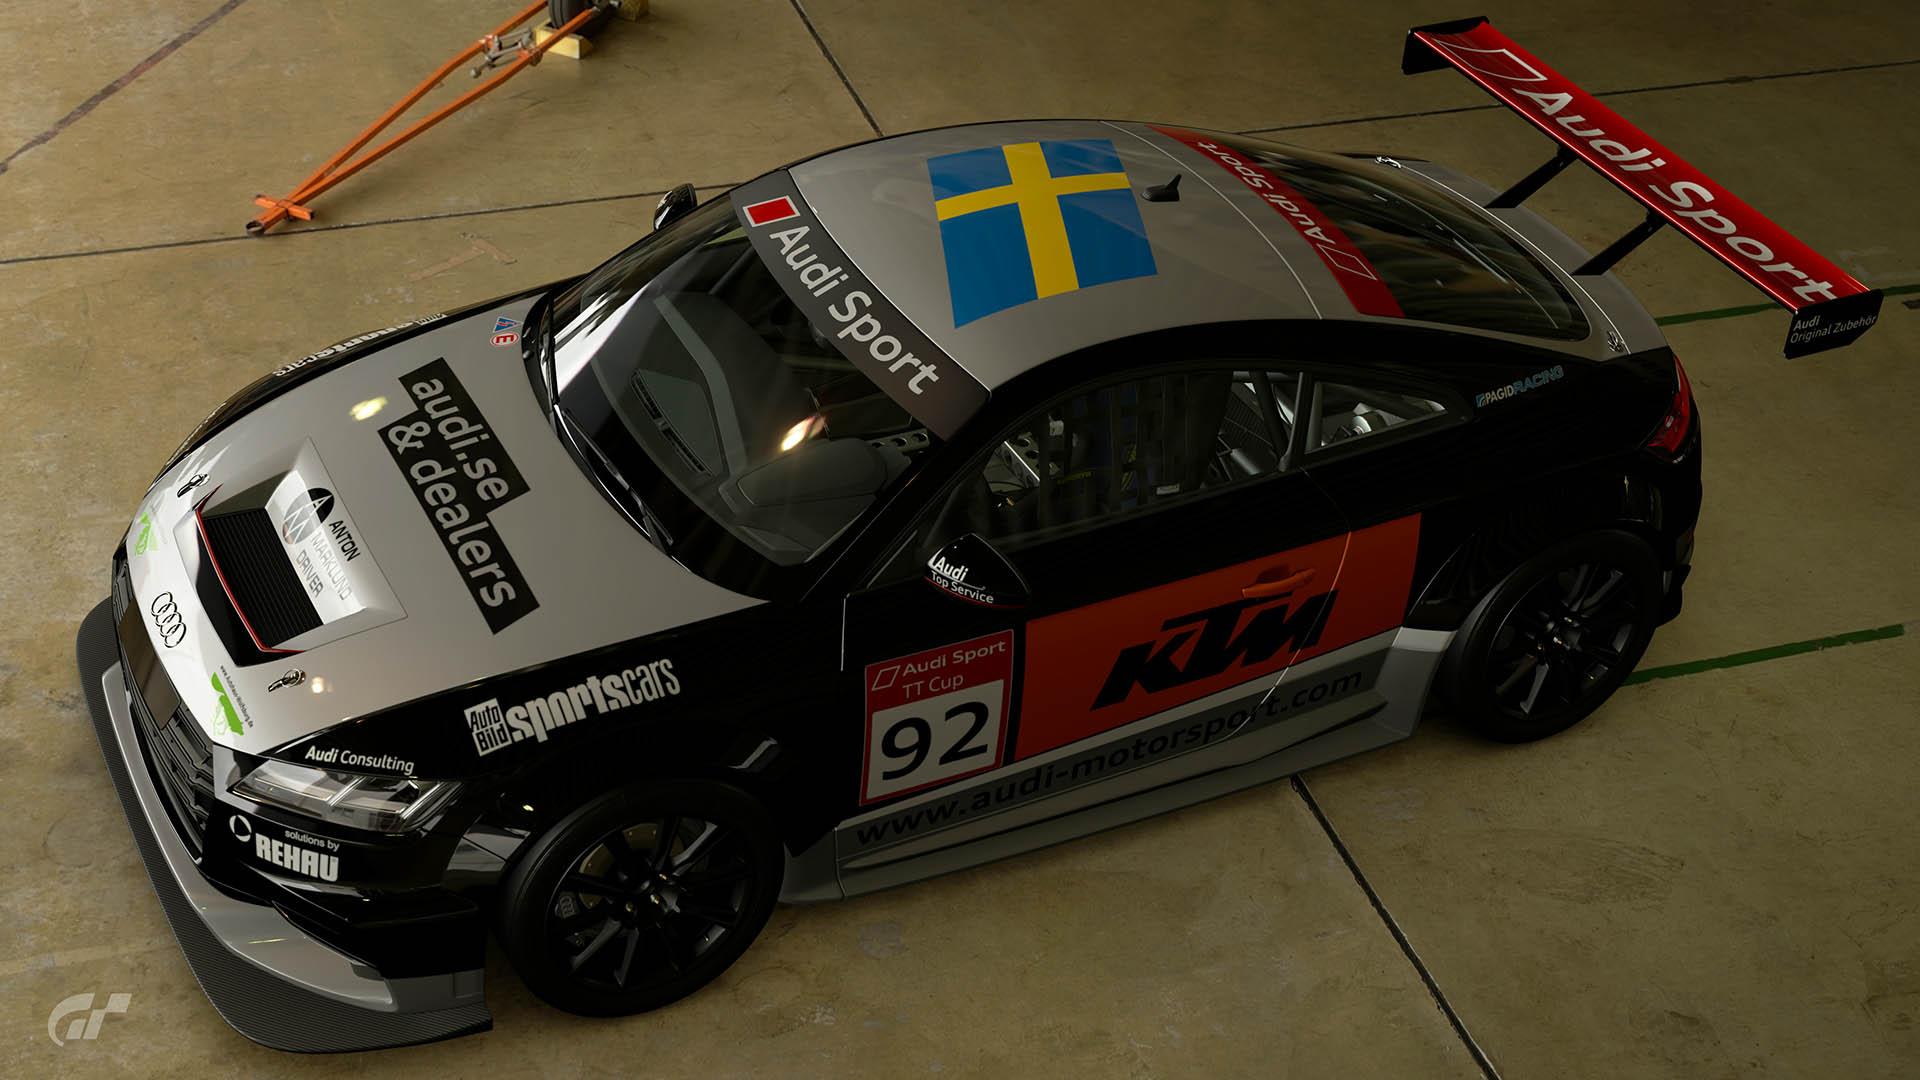 2015 Audi TT Cup #92 Anton Marklund